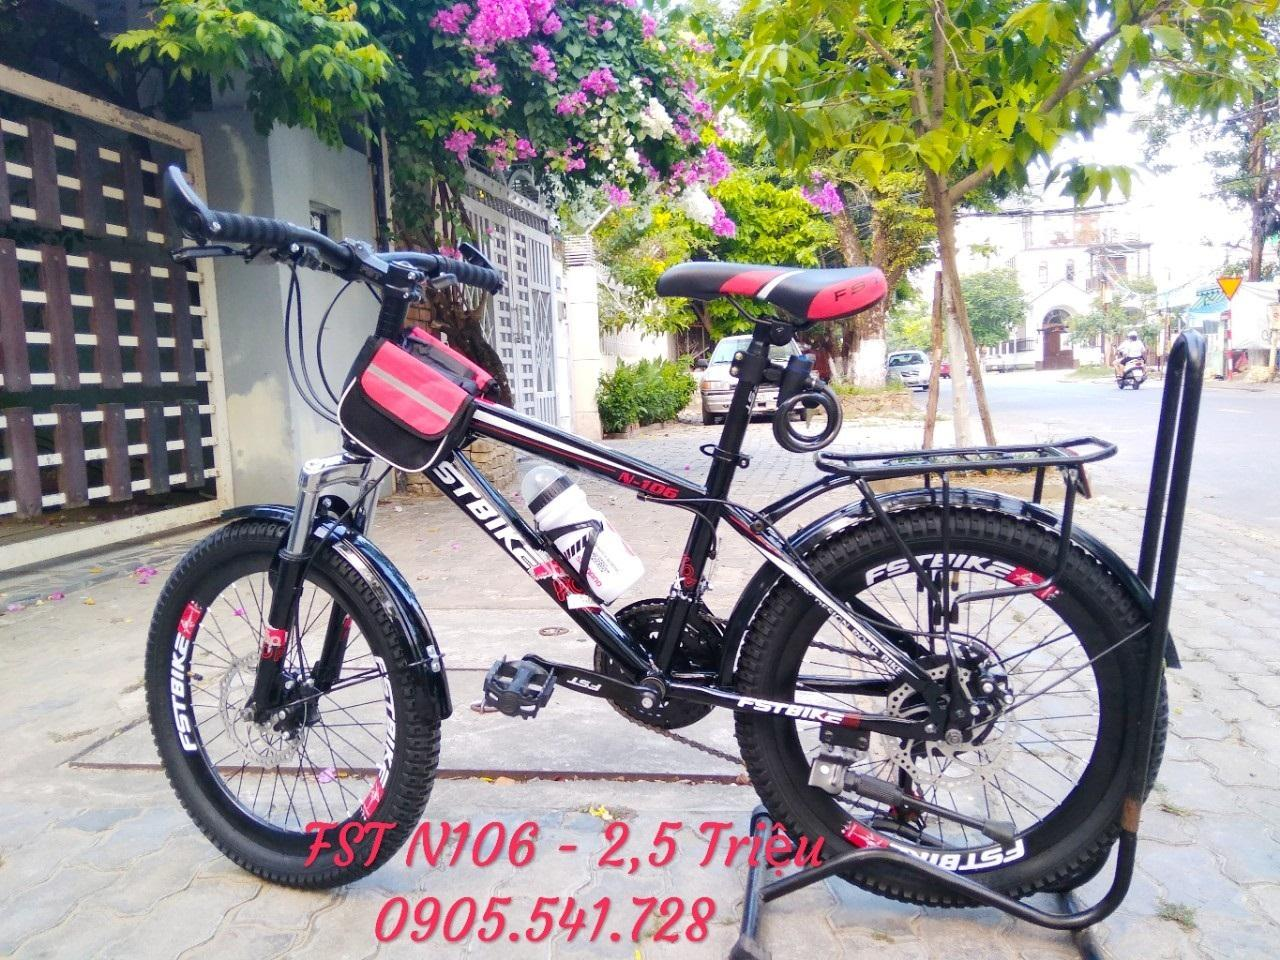 FST N106 xe đạp địa hình trẻ em